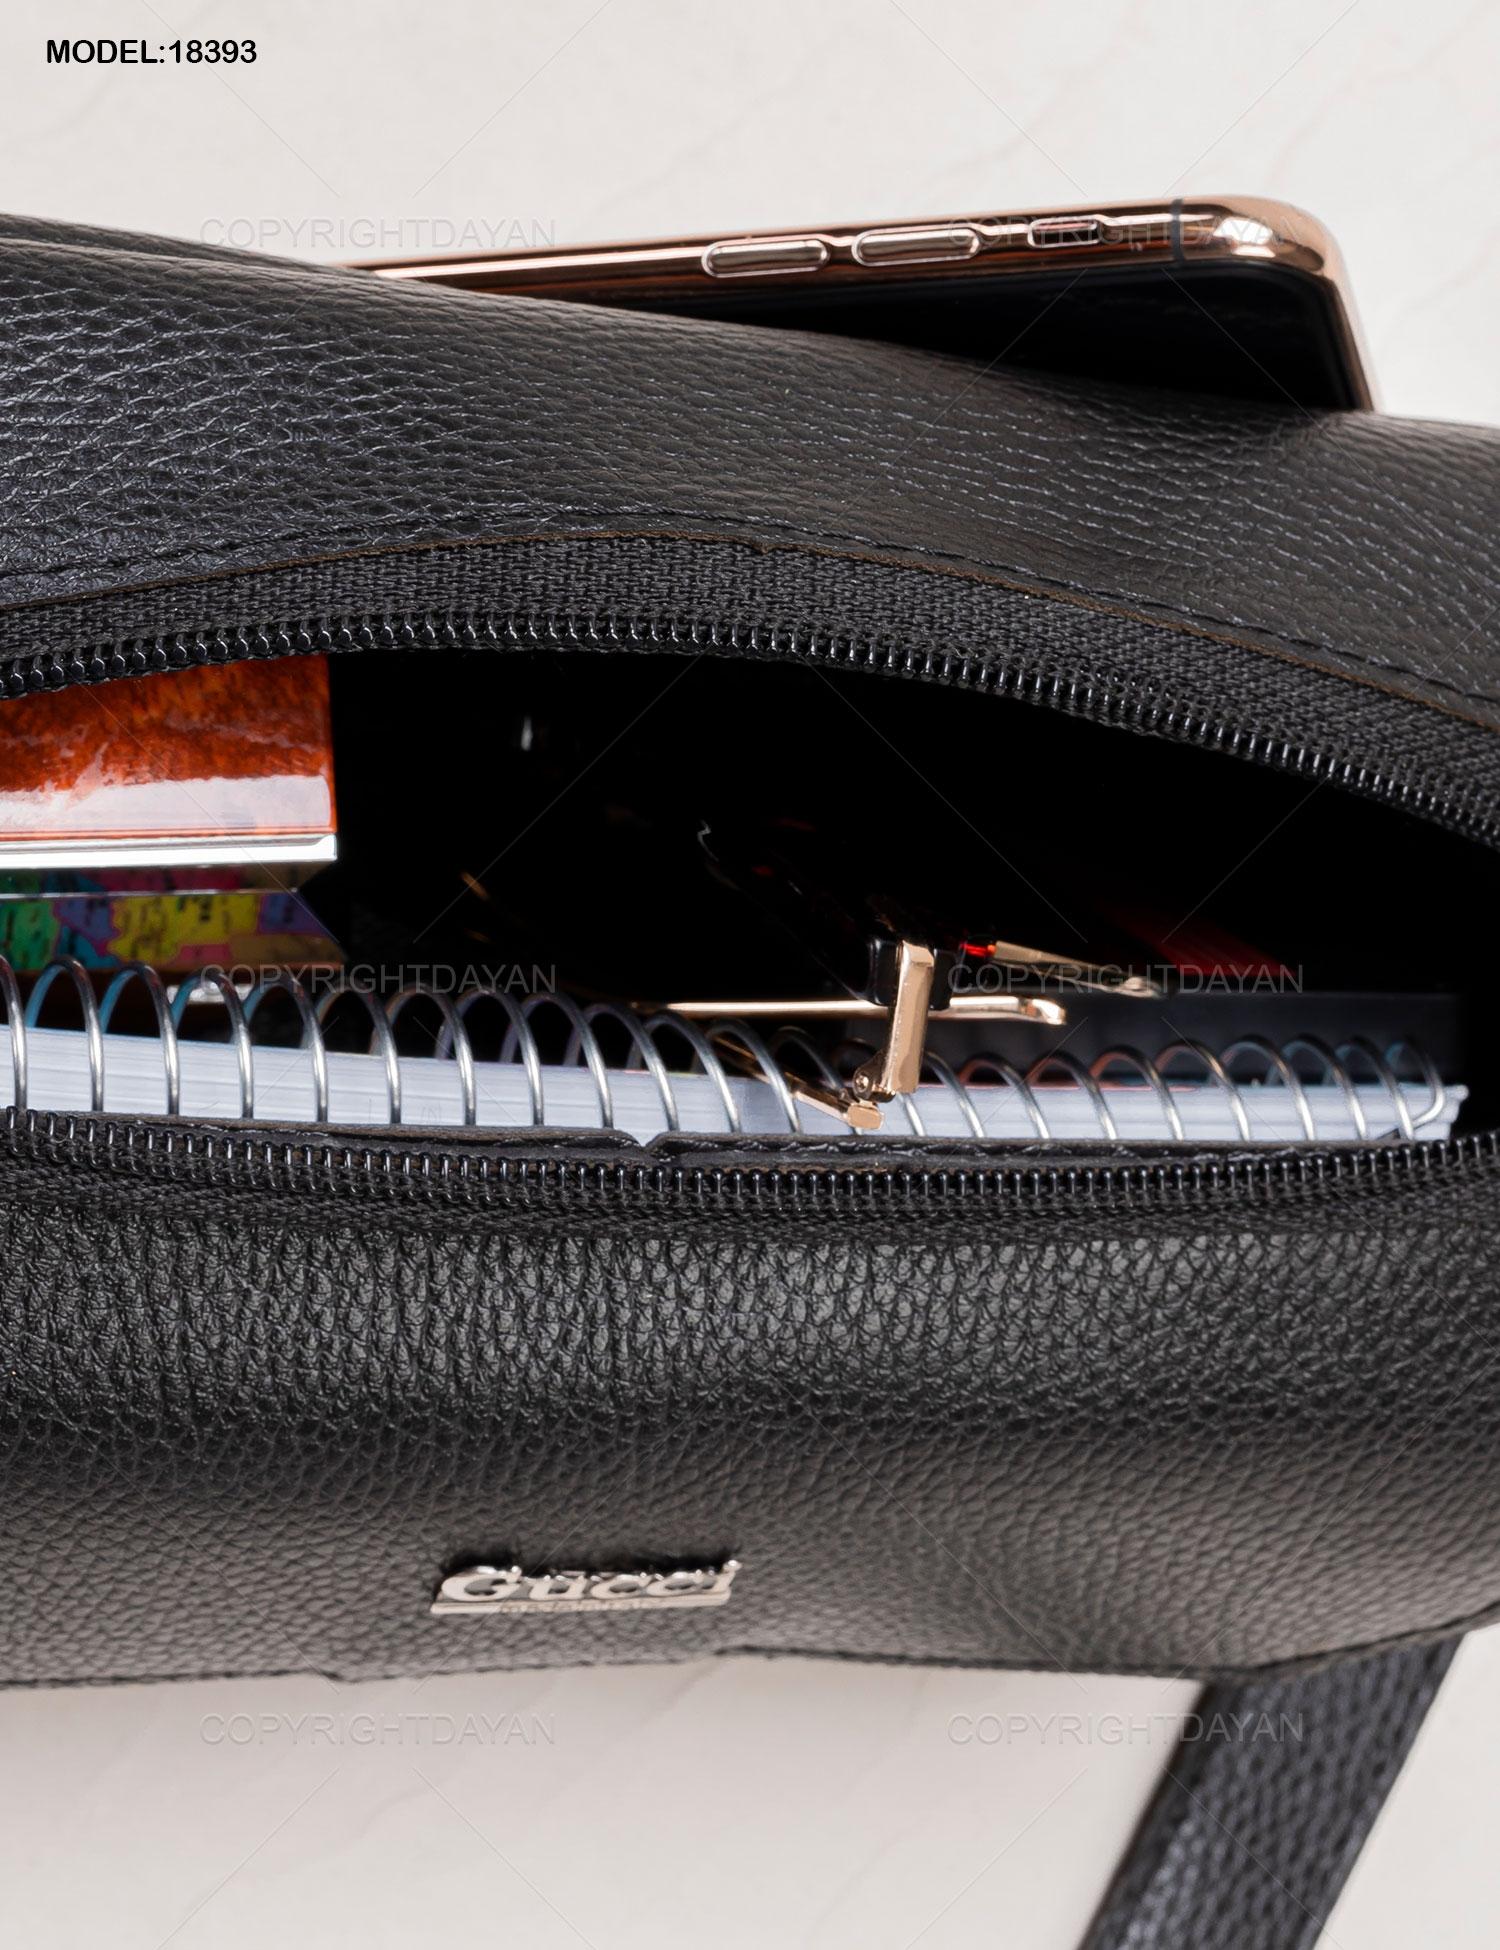 کیف دوشی Gucci مدل 18393